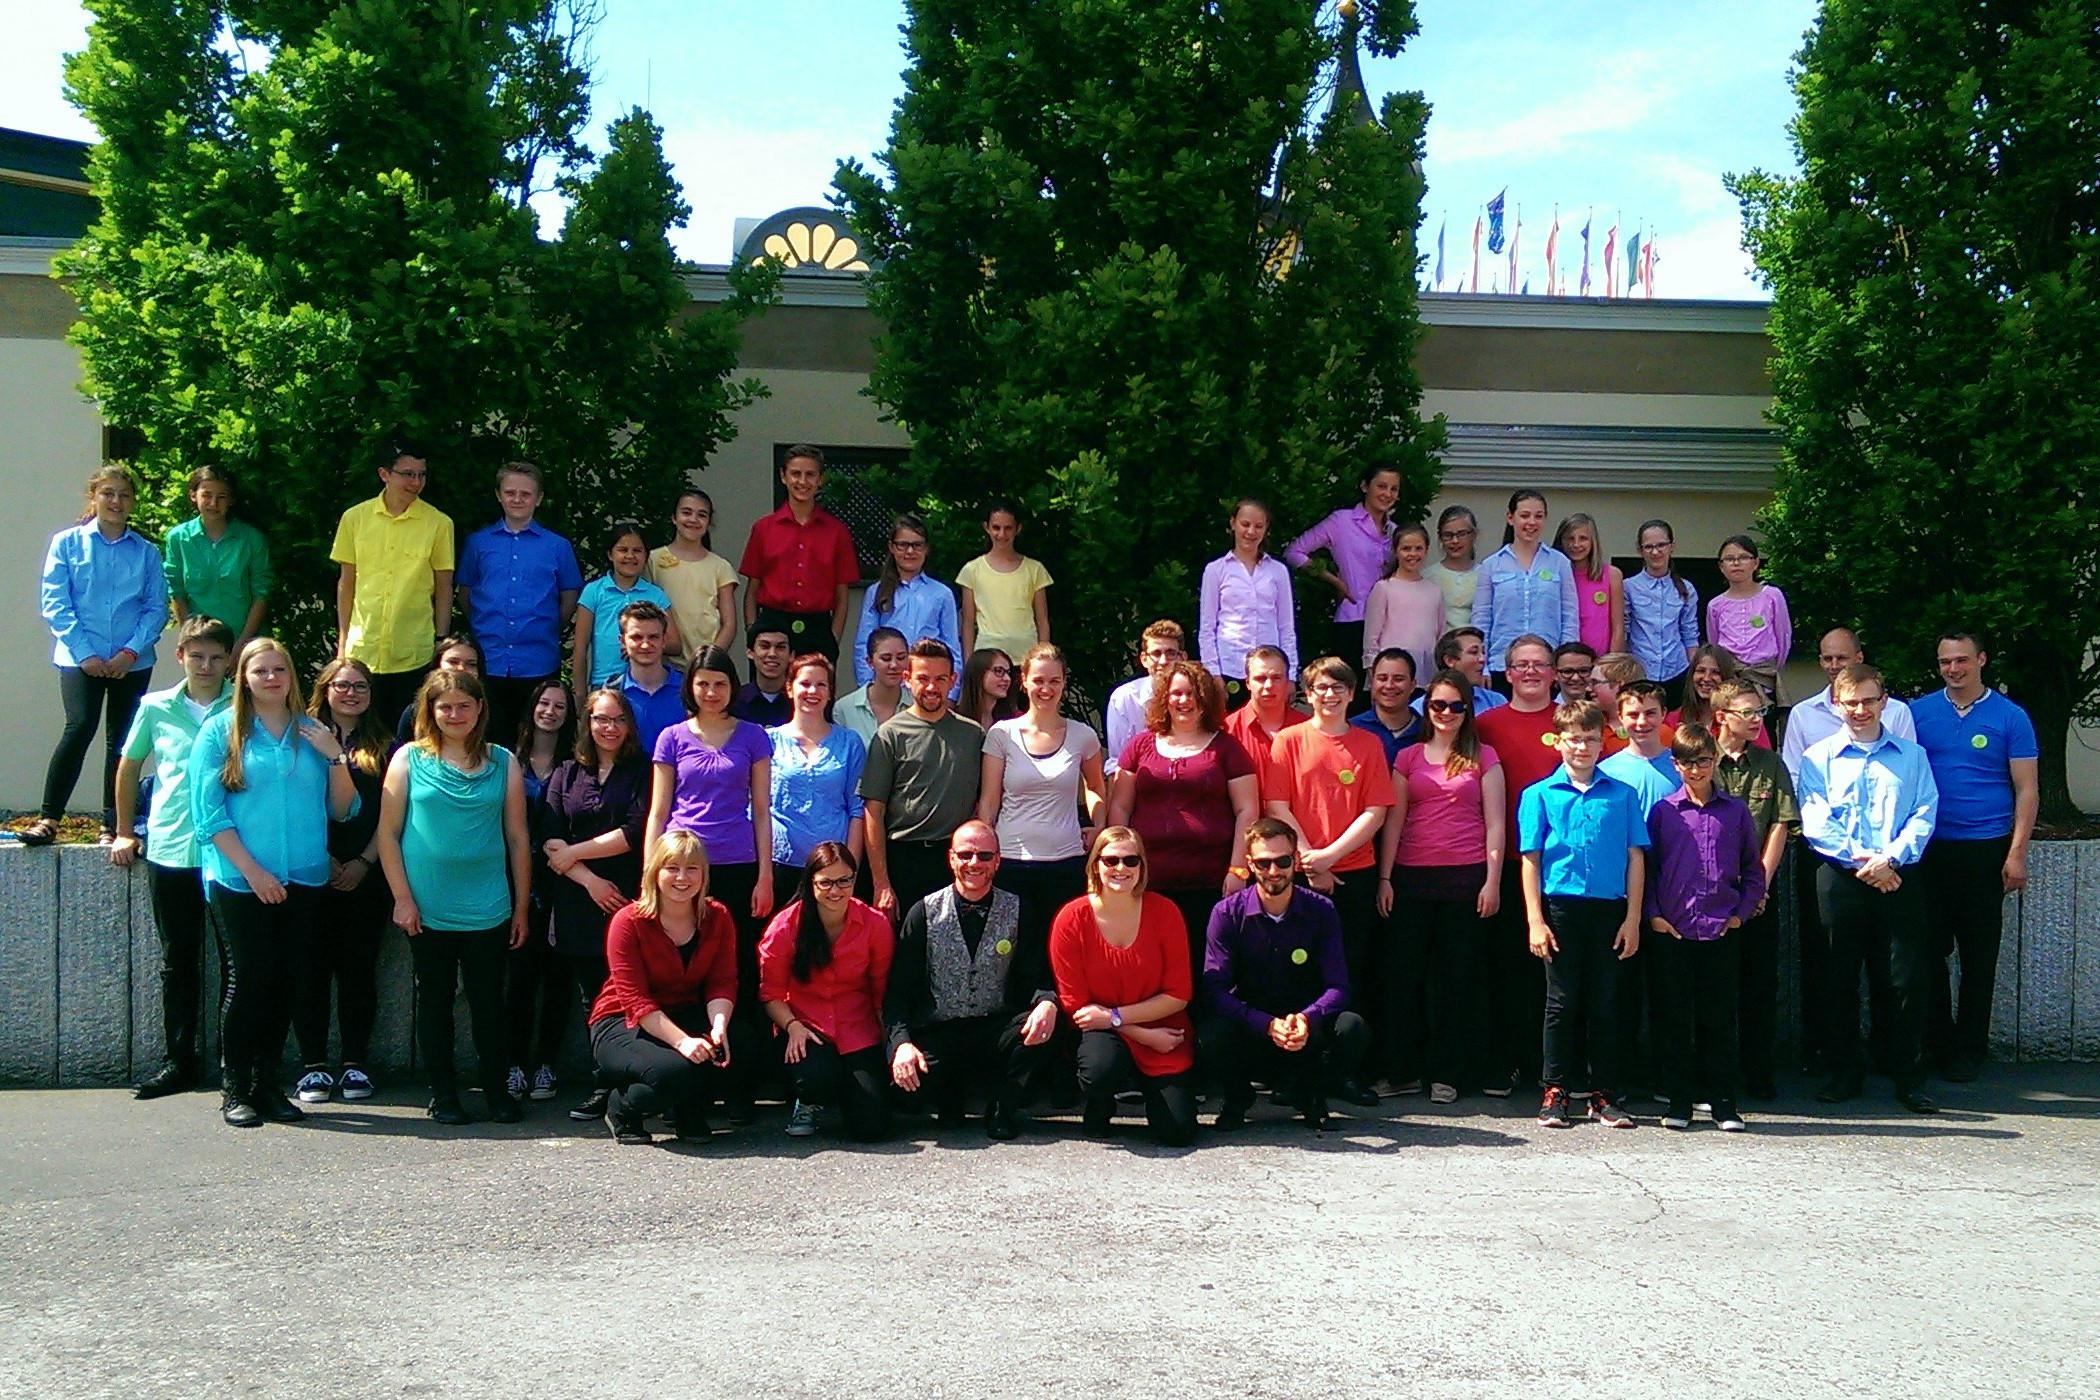 Vereinsausflug für alle Kinder und Jugendlichen zum Europapark (Rust, 2015)